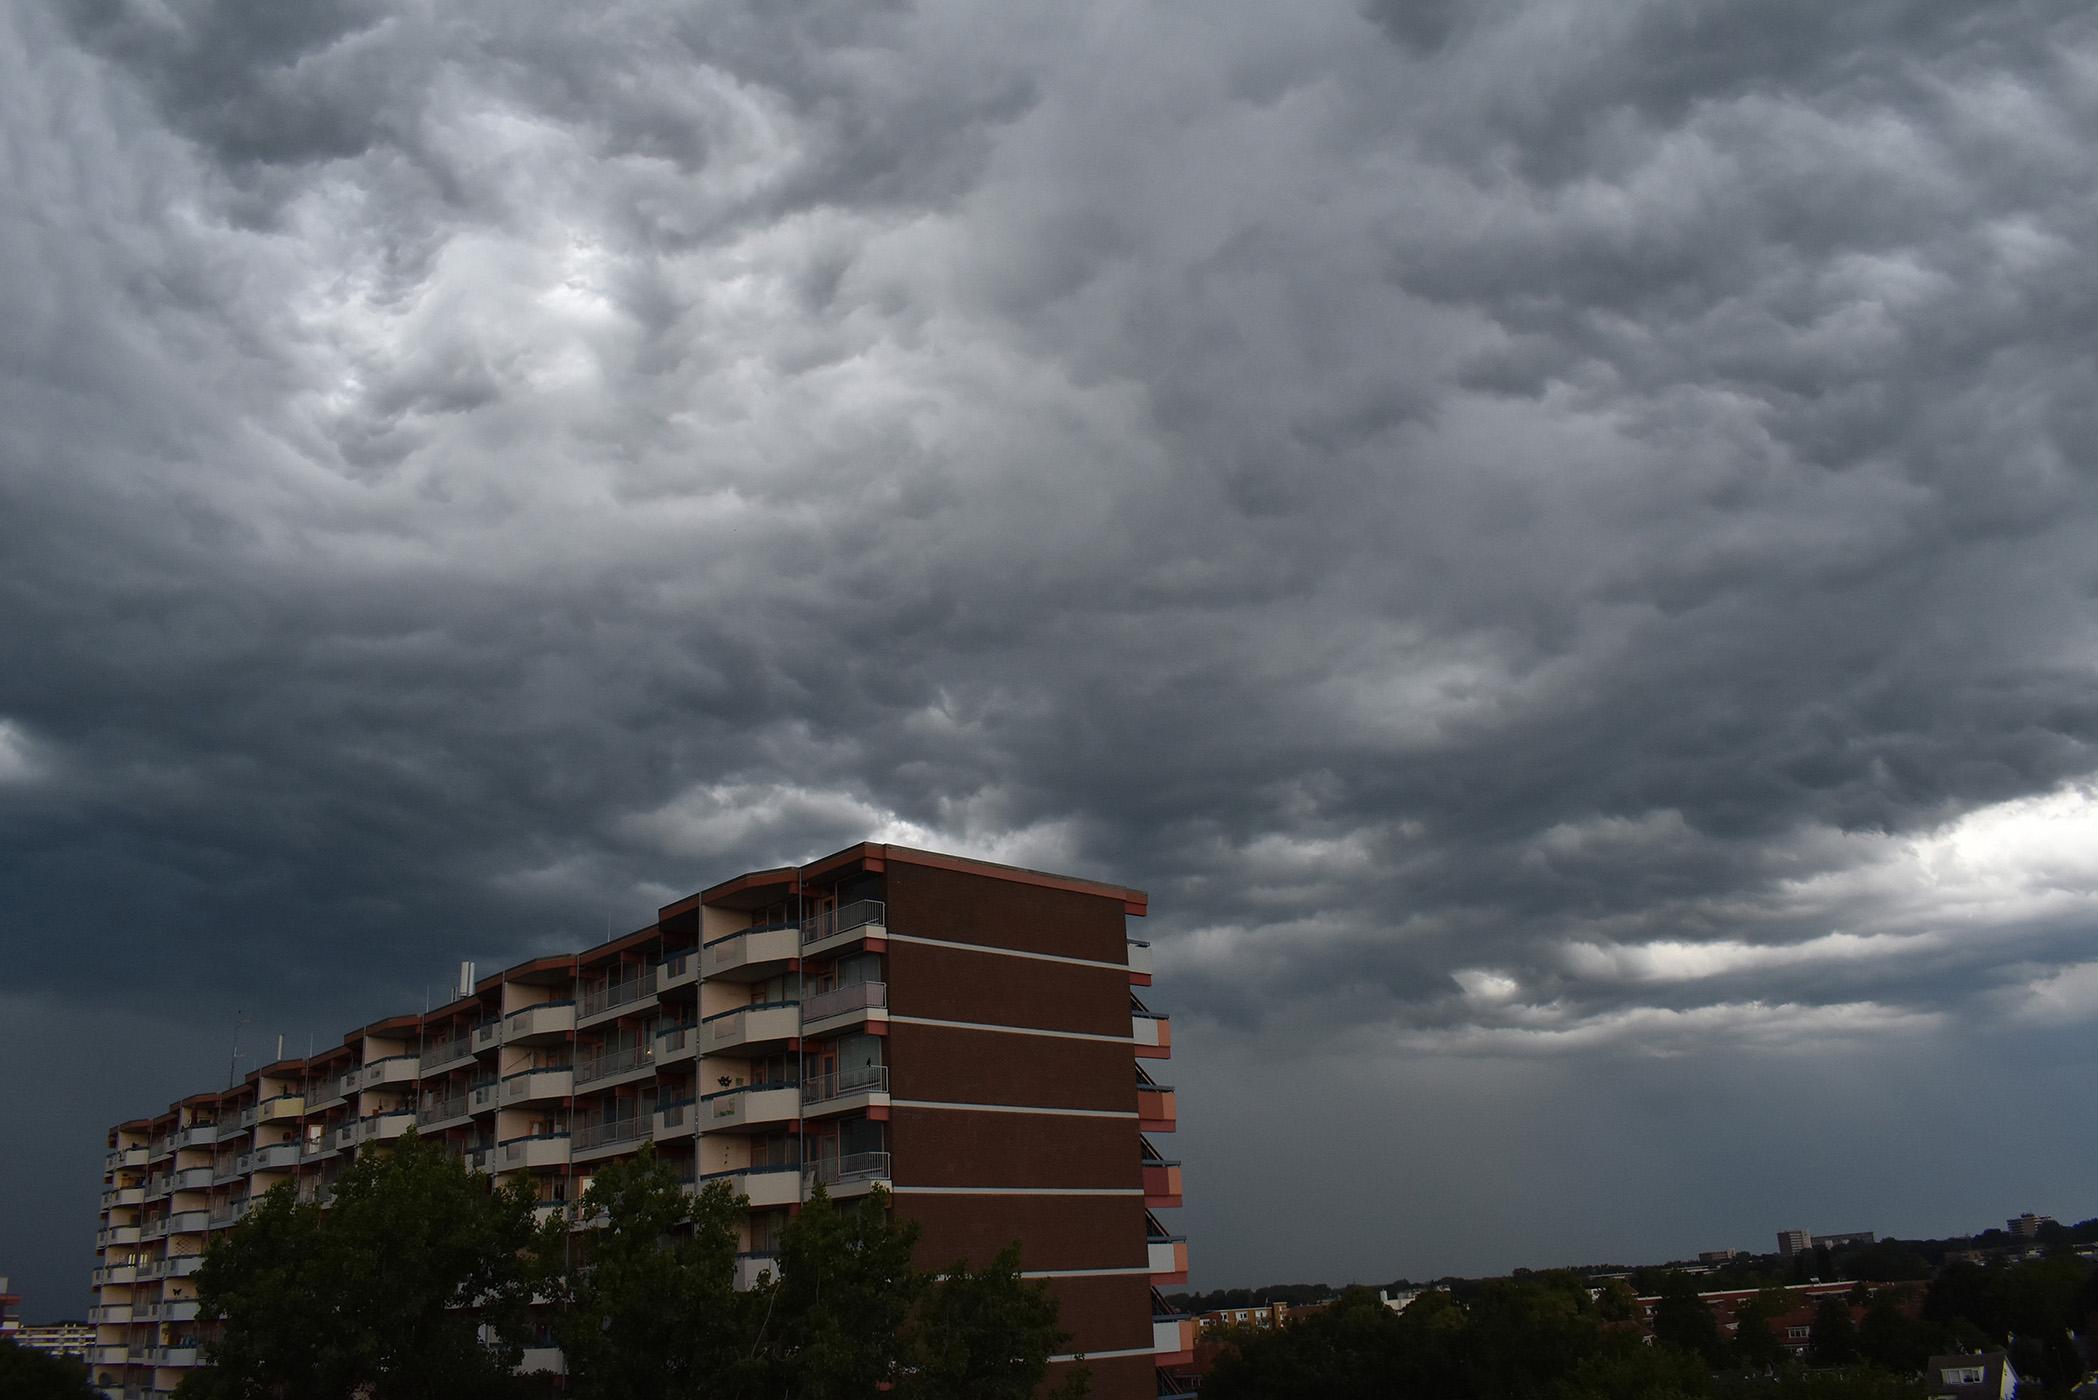 Een inktzwarte onweerslucht rolde zich uit boven Ede Zuid - Foto: ©Louis Fraanje